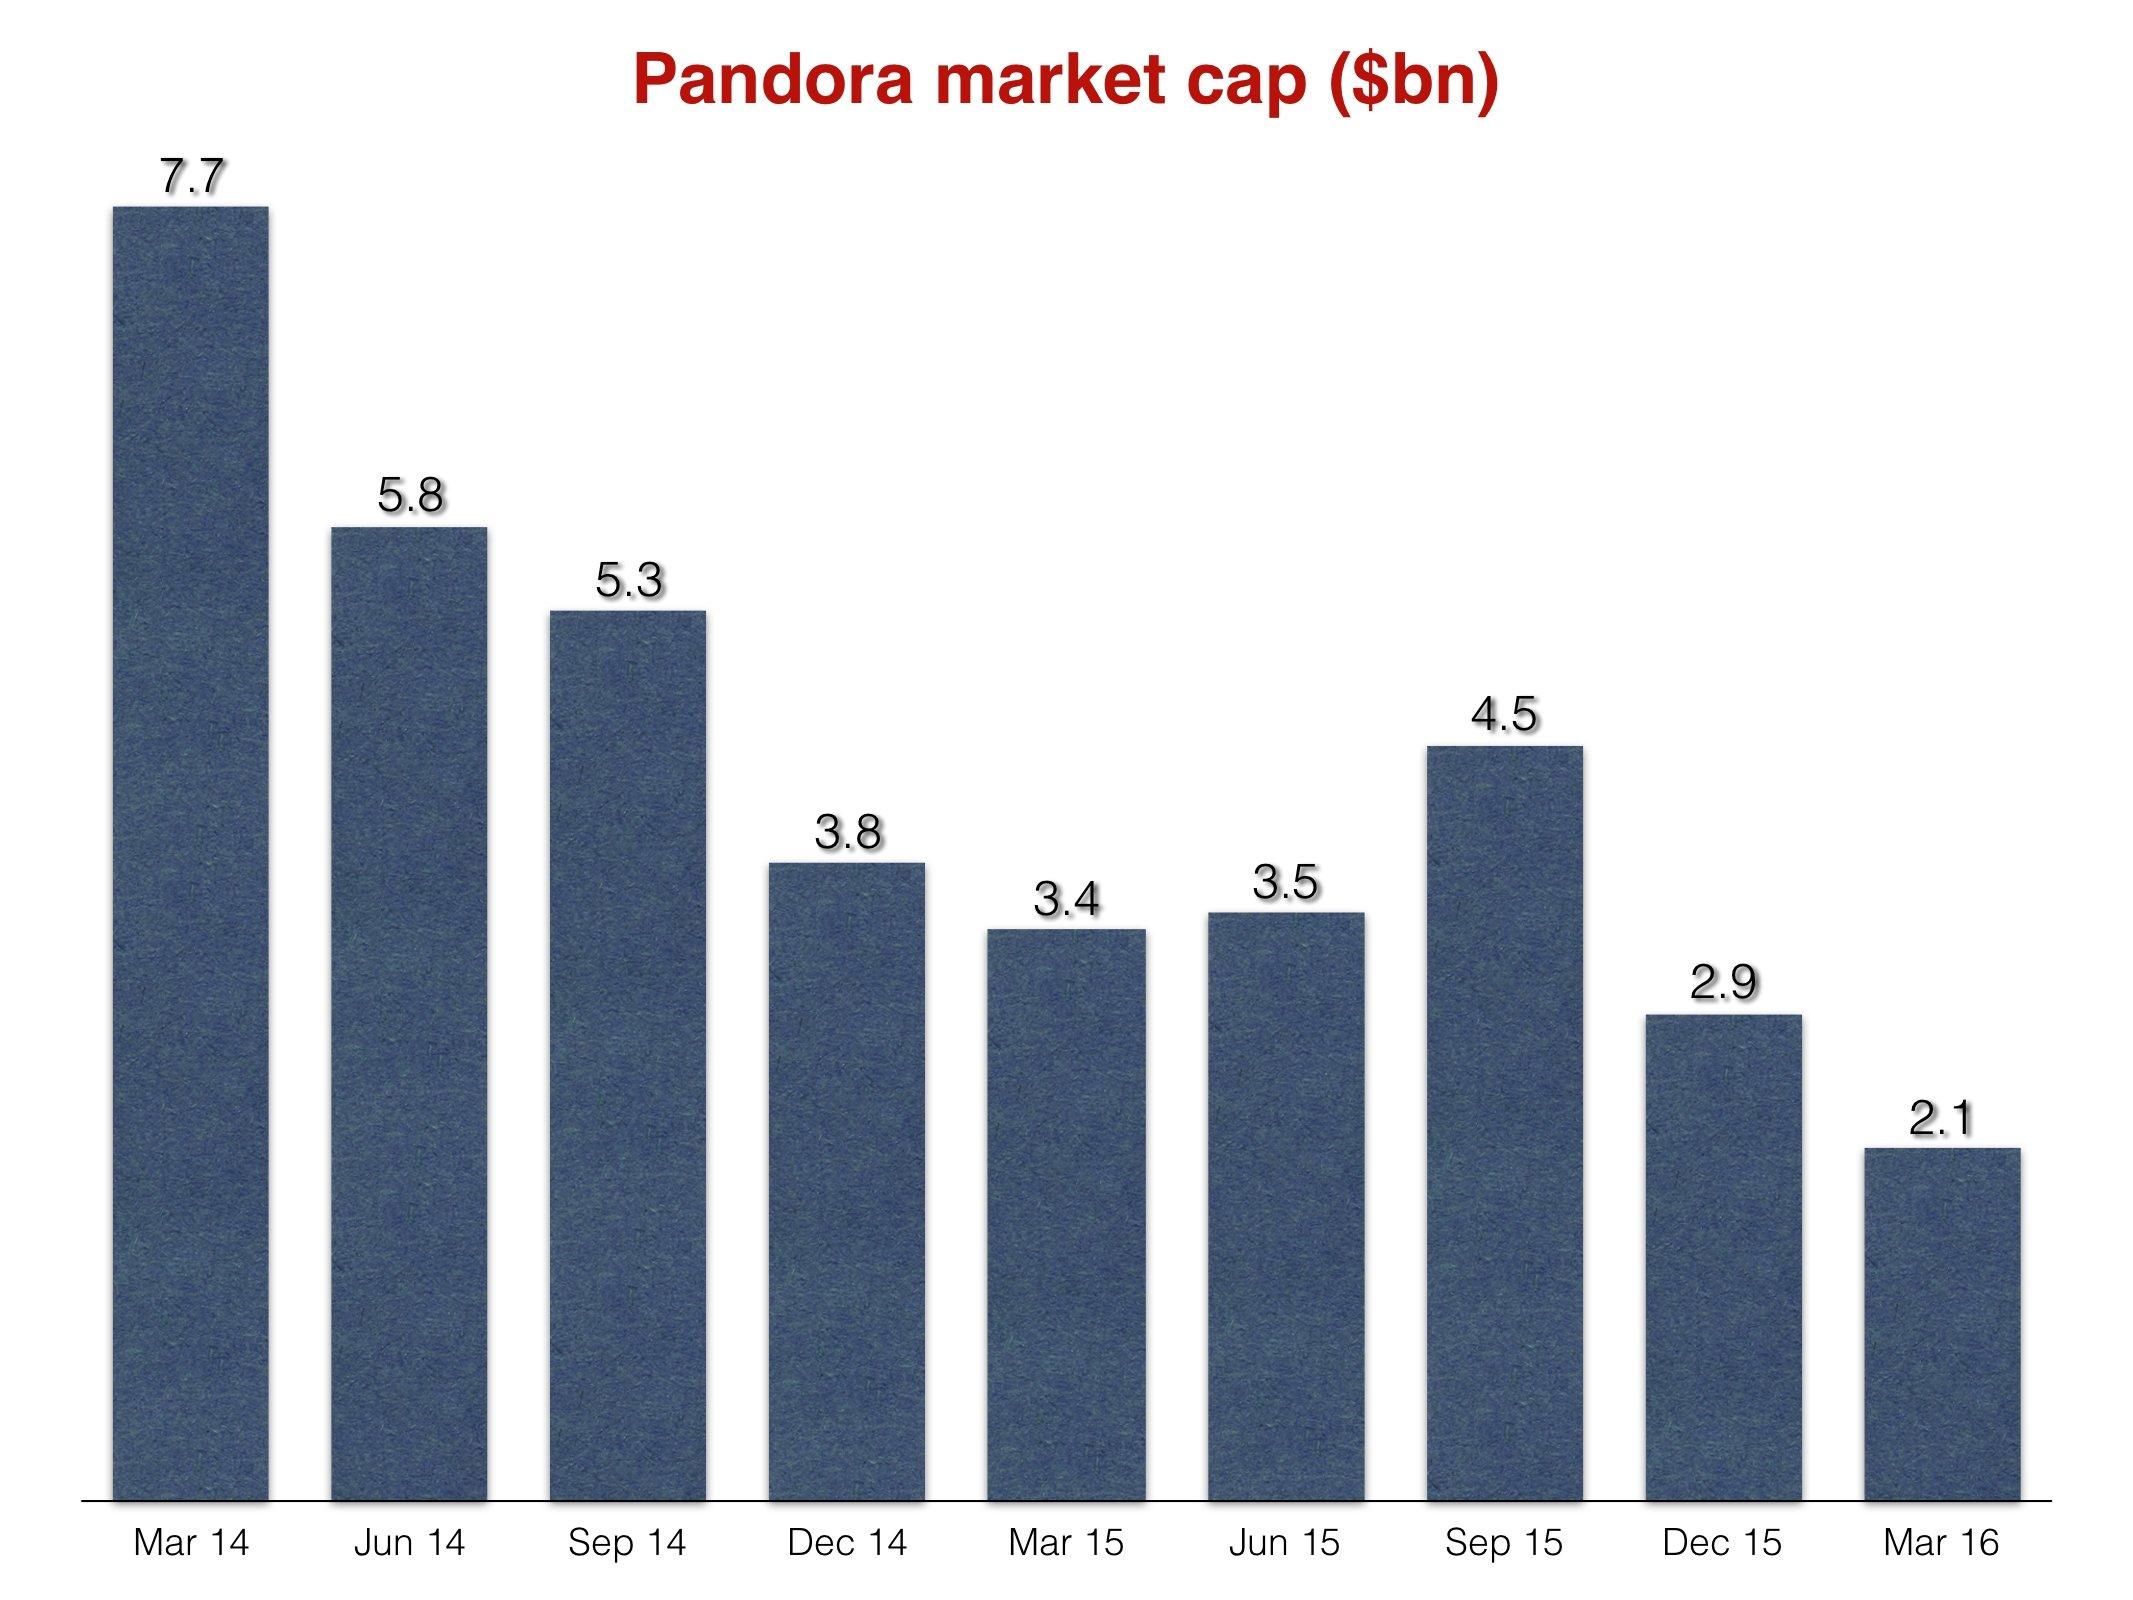 Pandoramarketcap